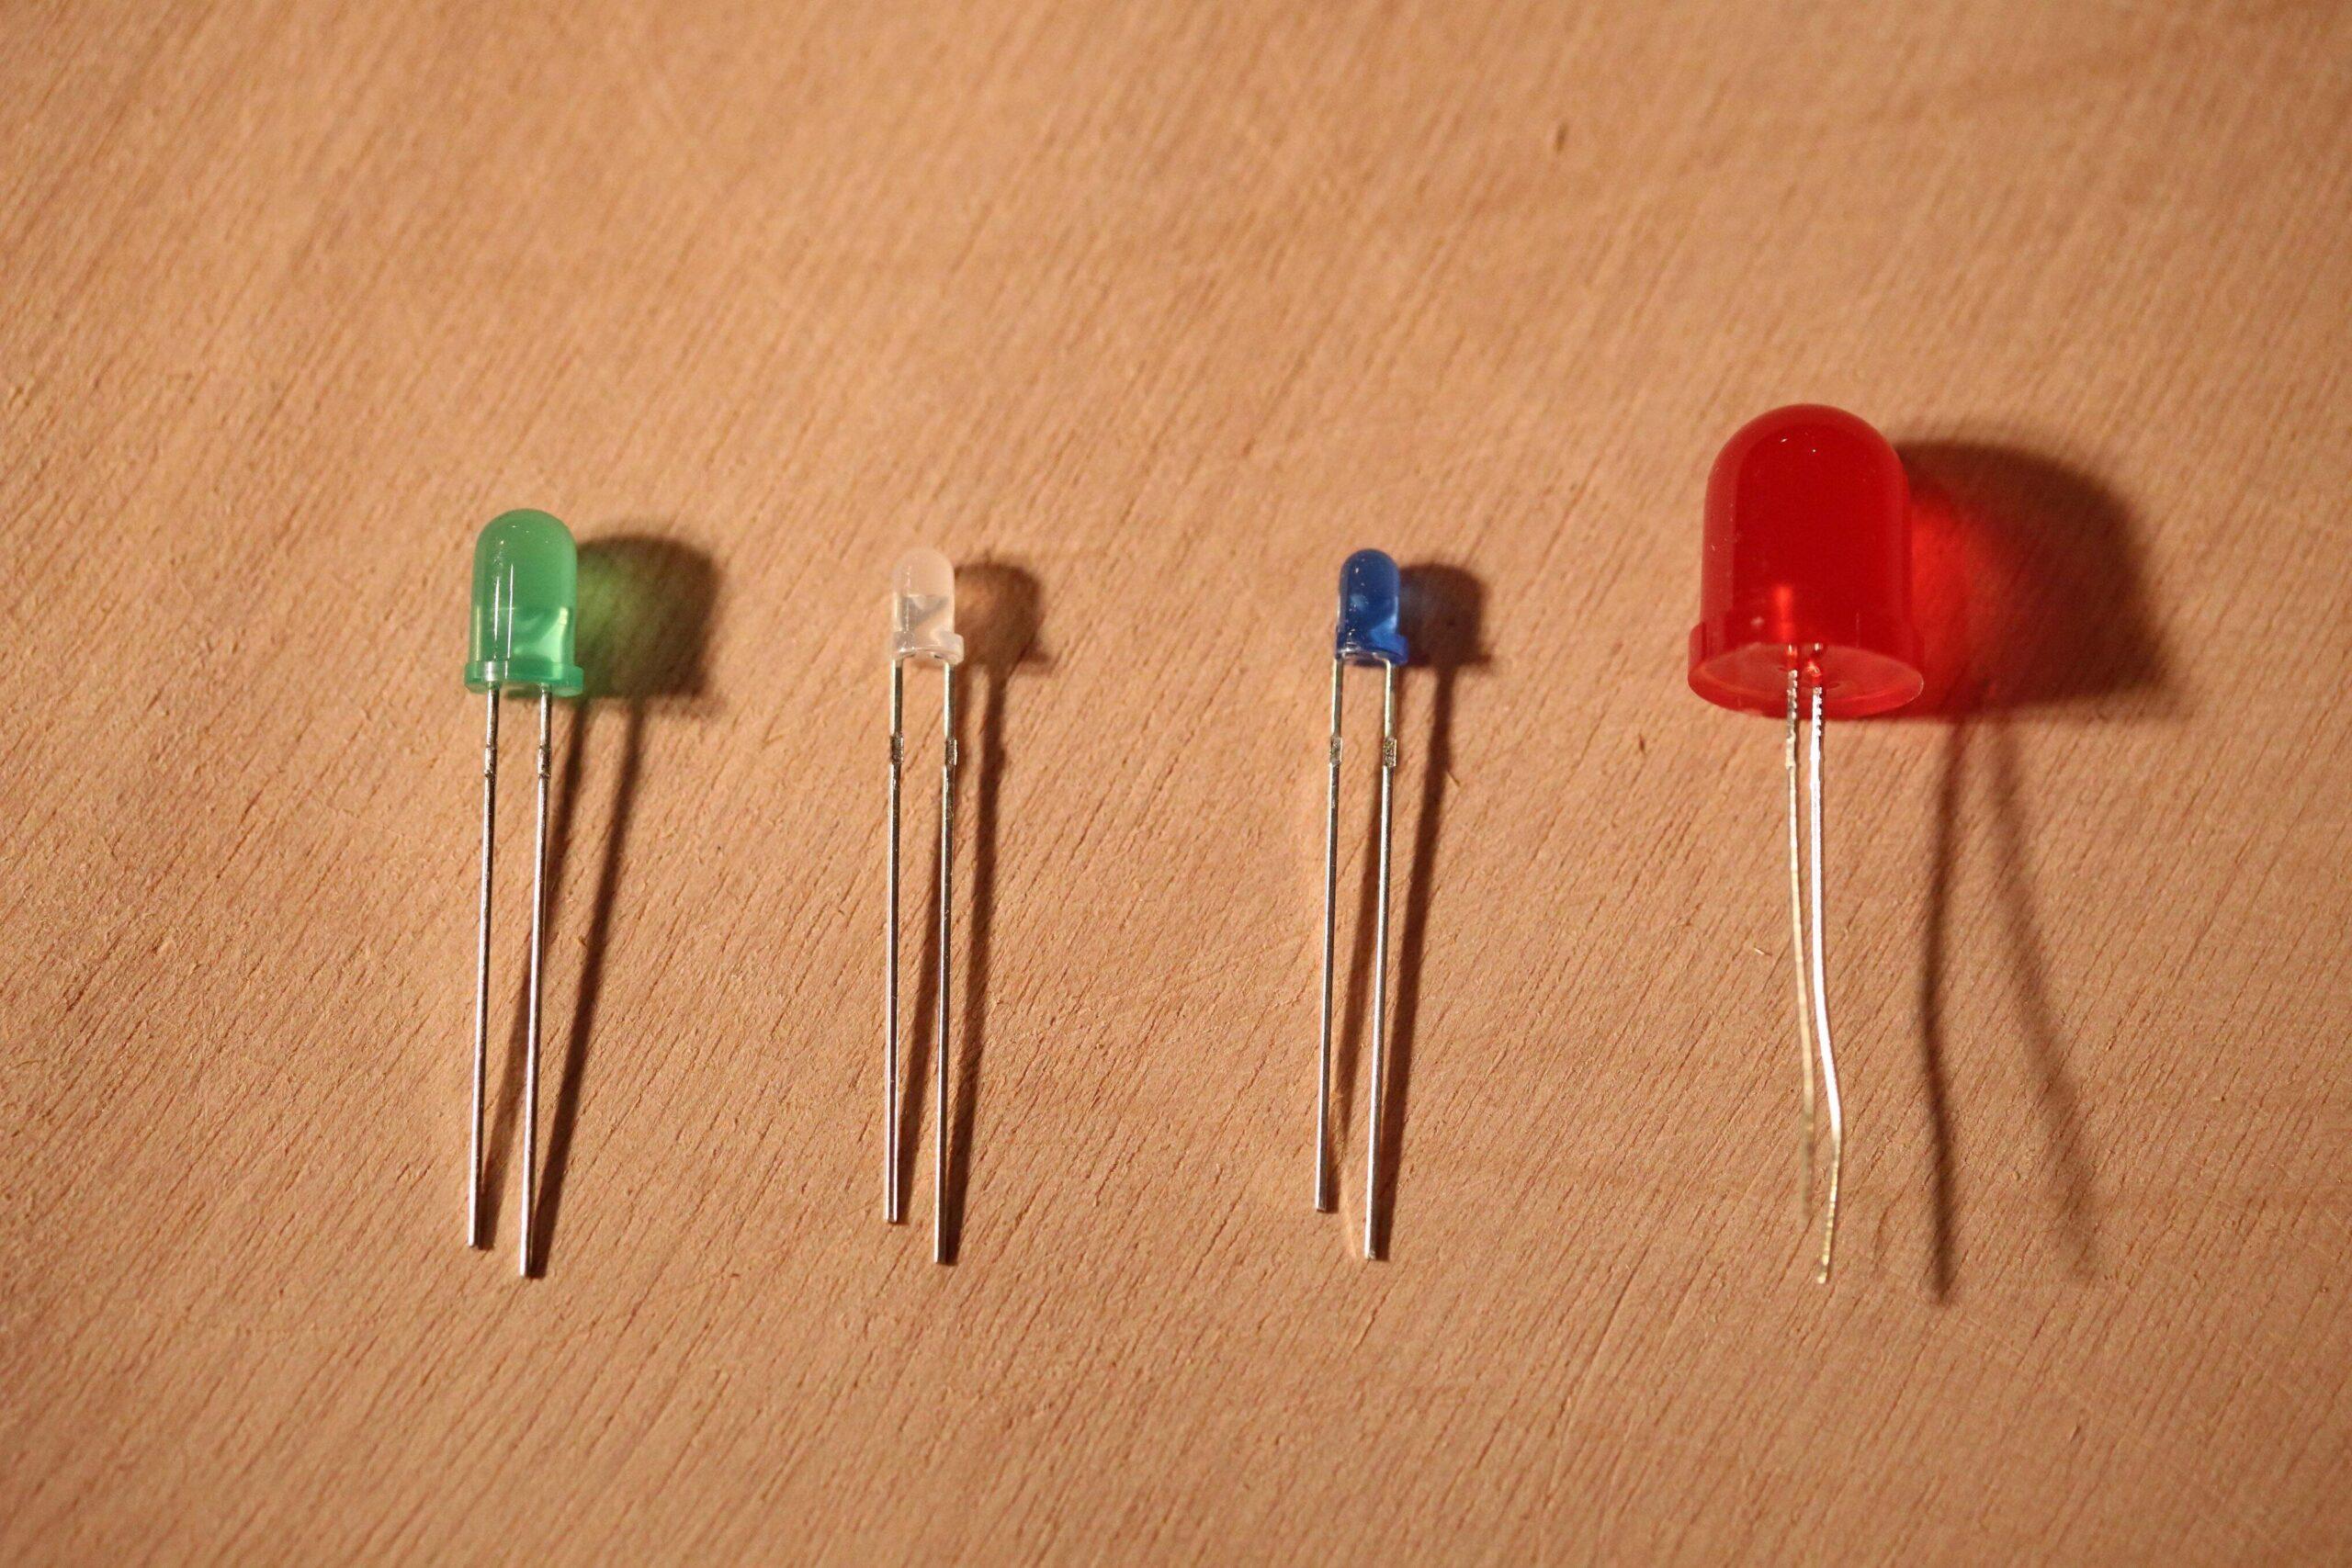 Comment calculer la puissance d'une LED ?